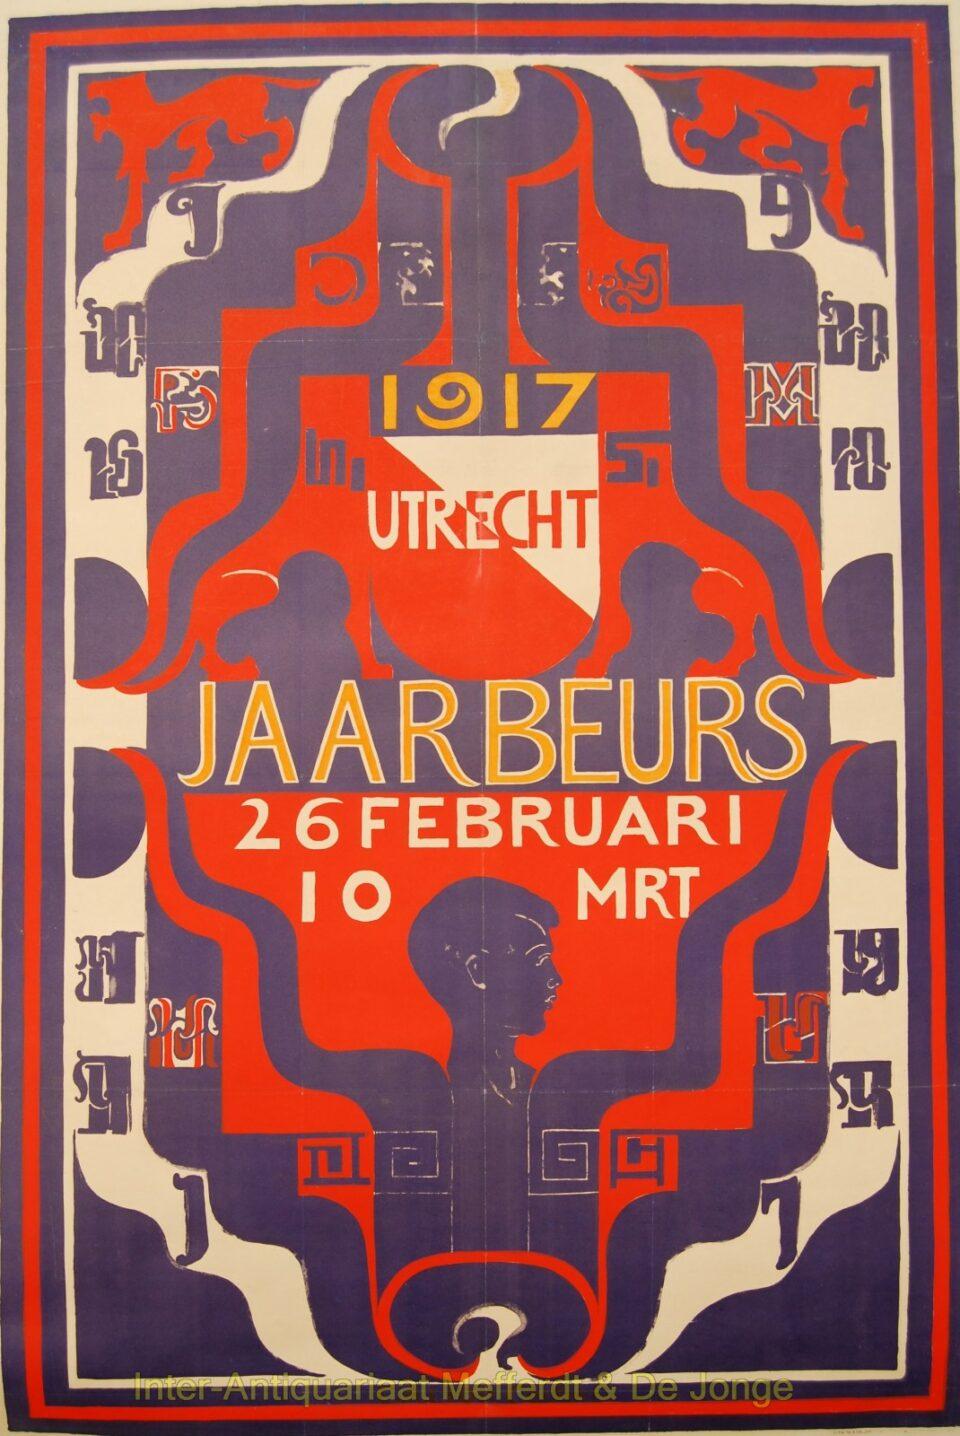 Lion Cachet - Jaarbeurs Utrecht